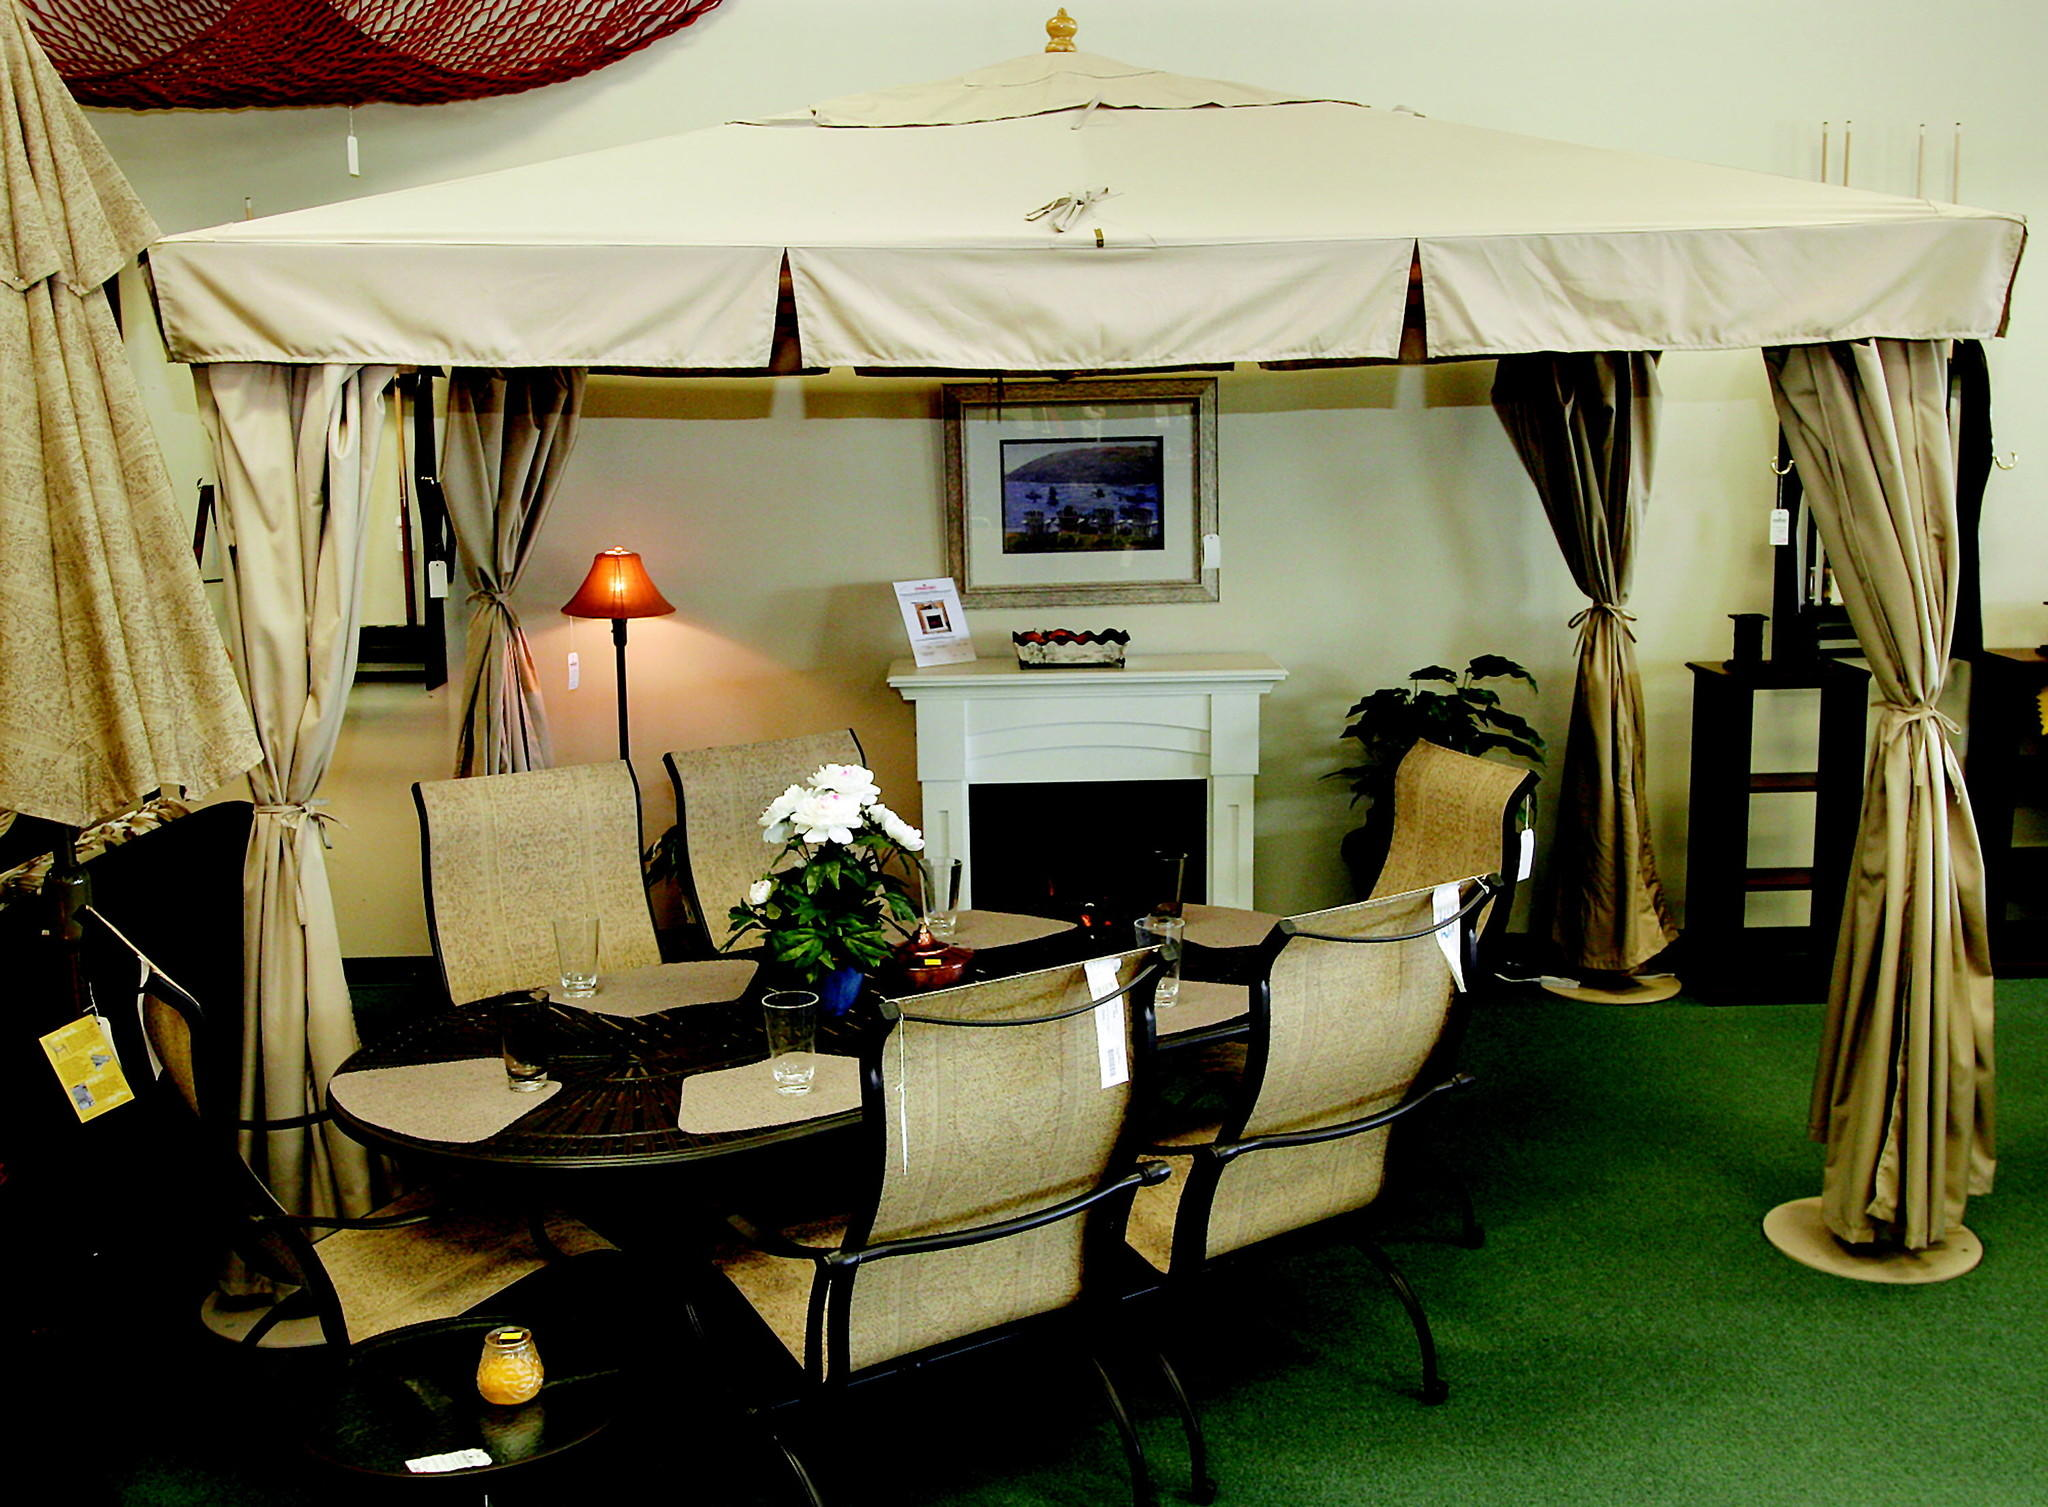 Patio Furniture At Offenbacheru0027s Off Dobbin ...